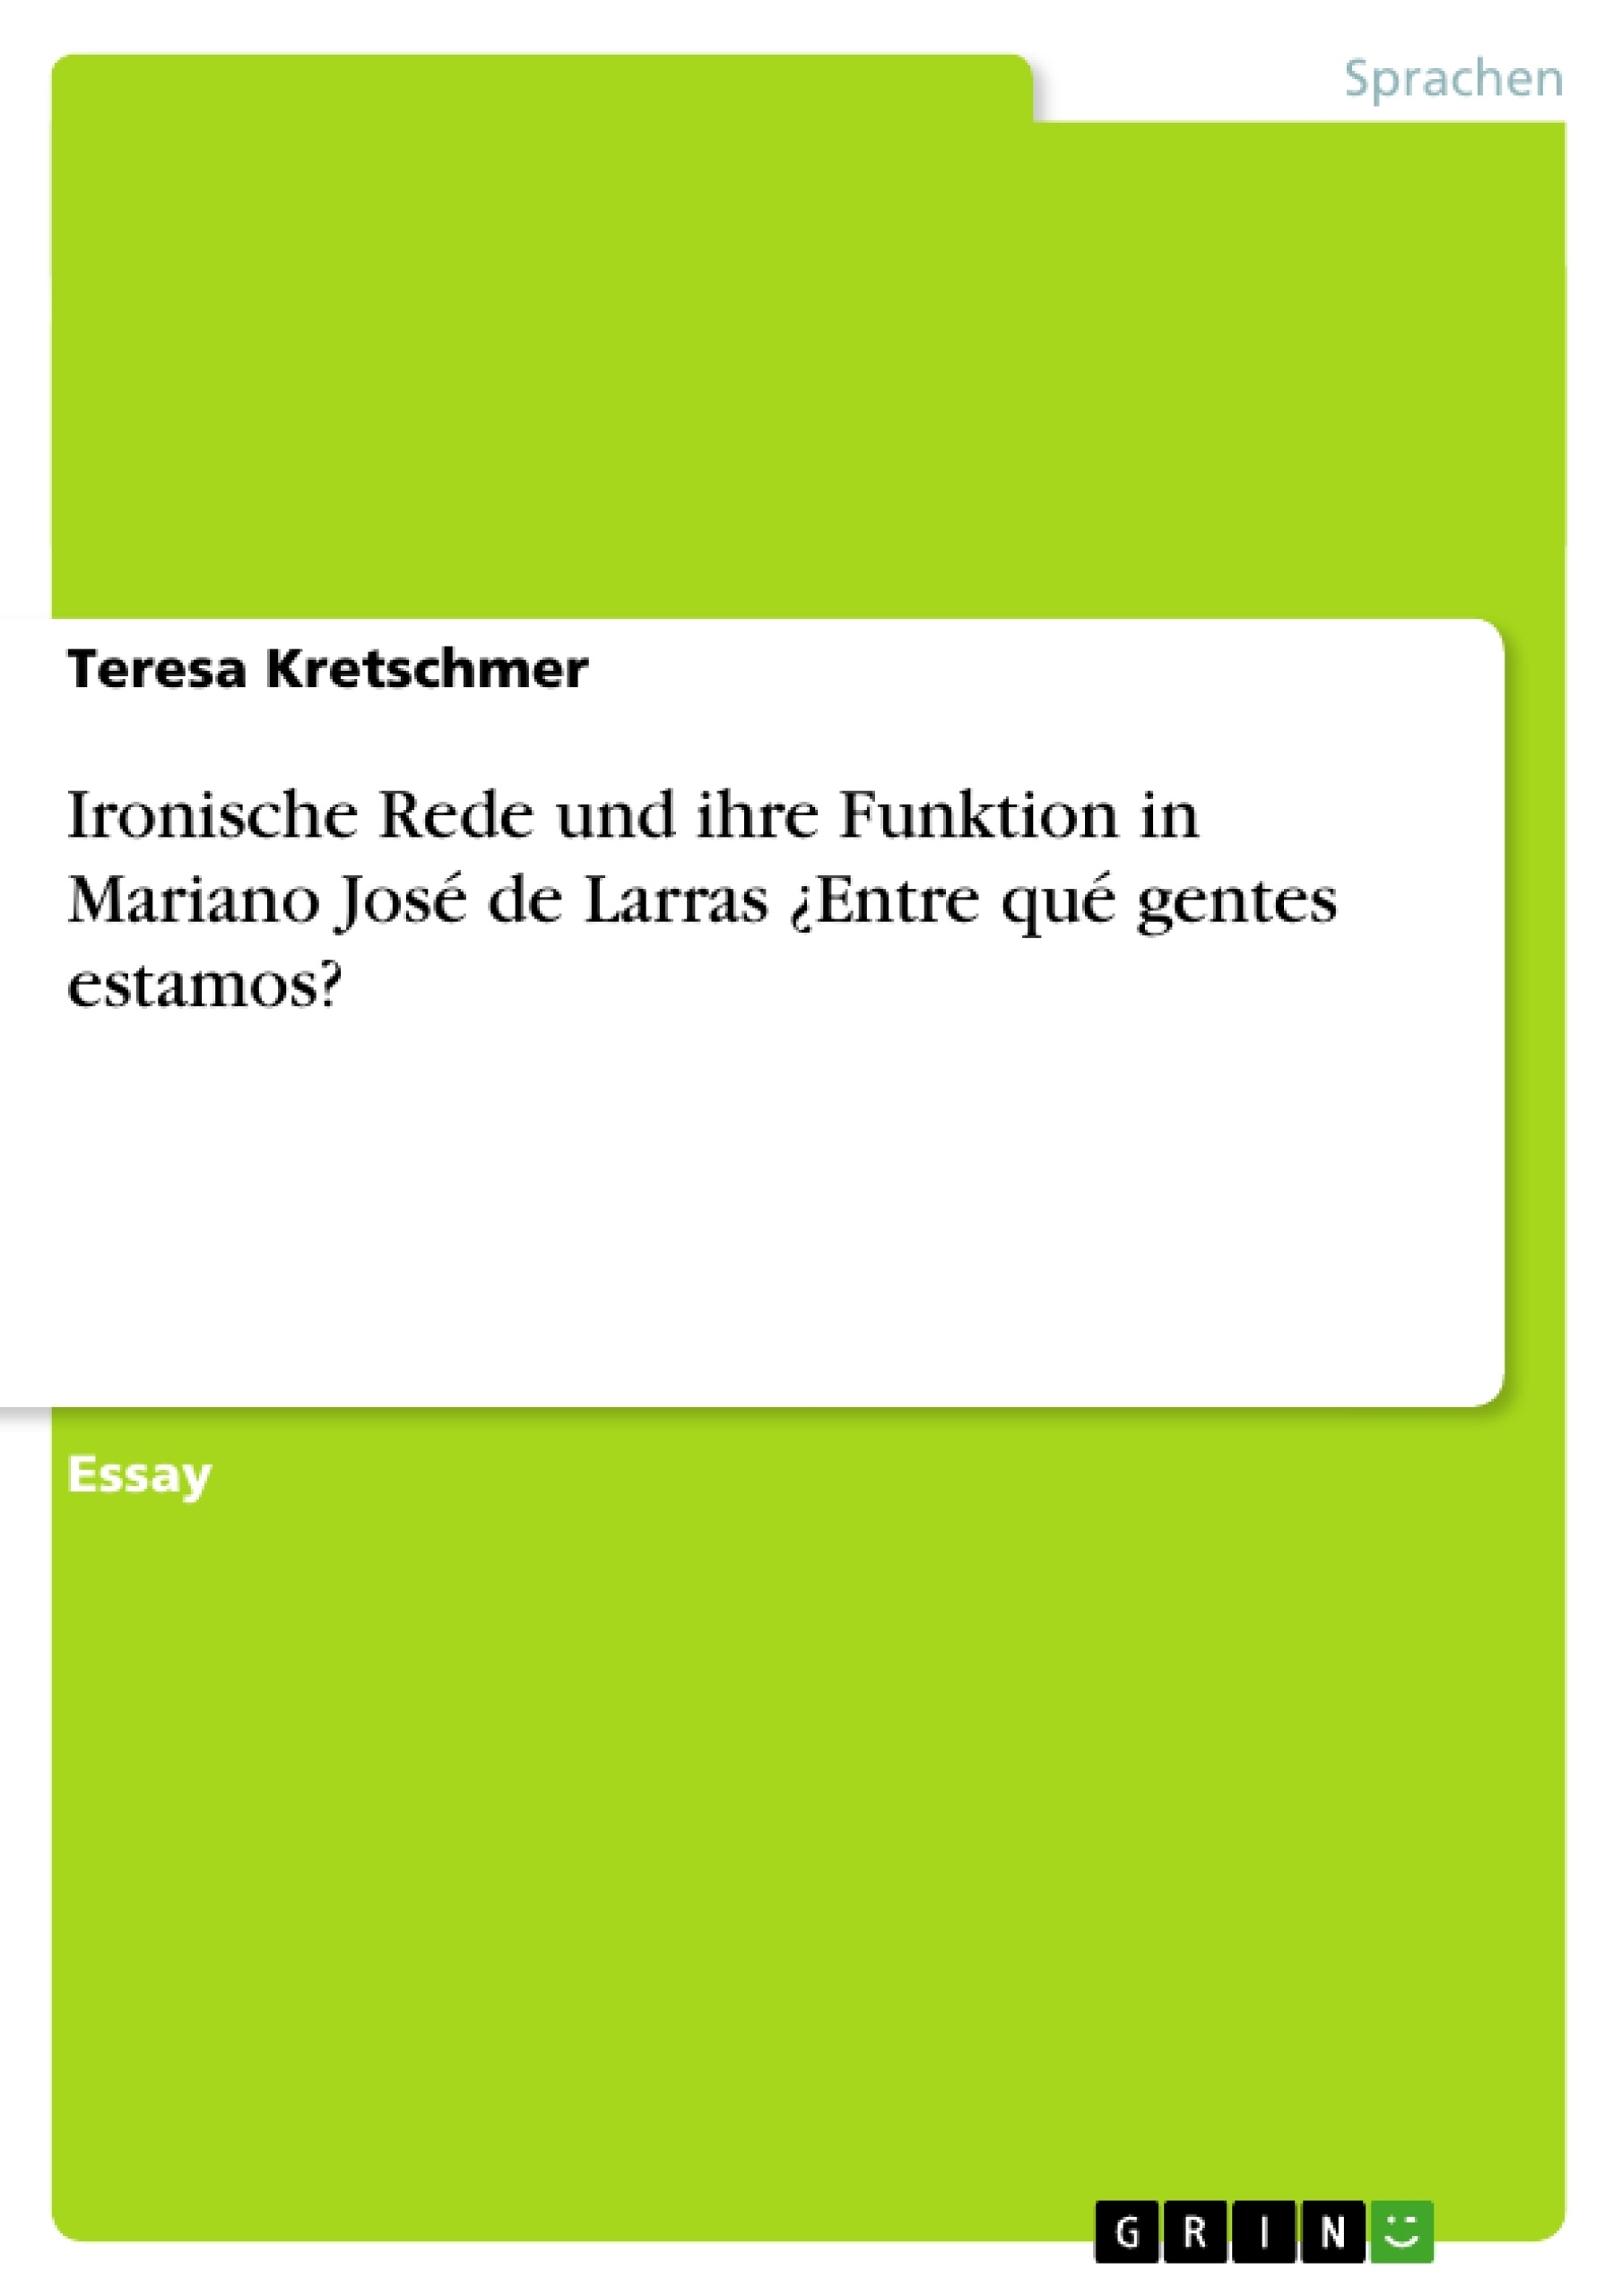 Titel: Ironische Rede und ihre Funktion in Mariano José de Larras ¿Entre qué gentes estamos?